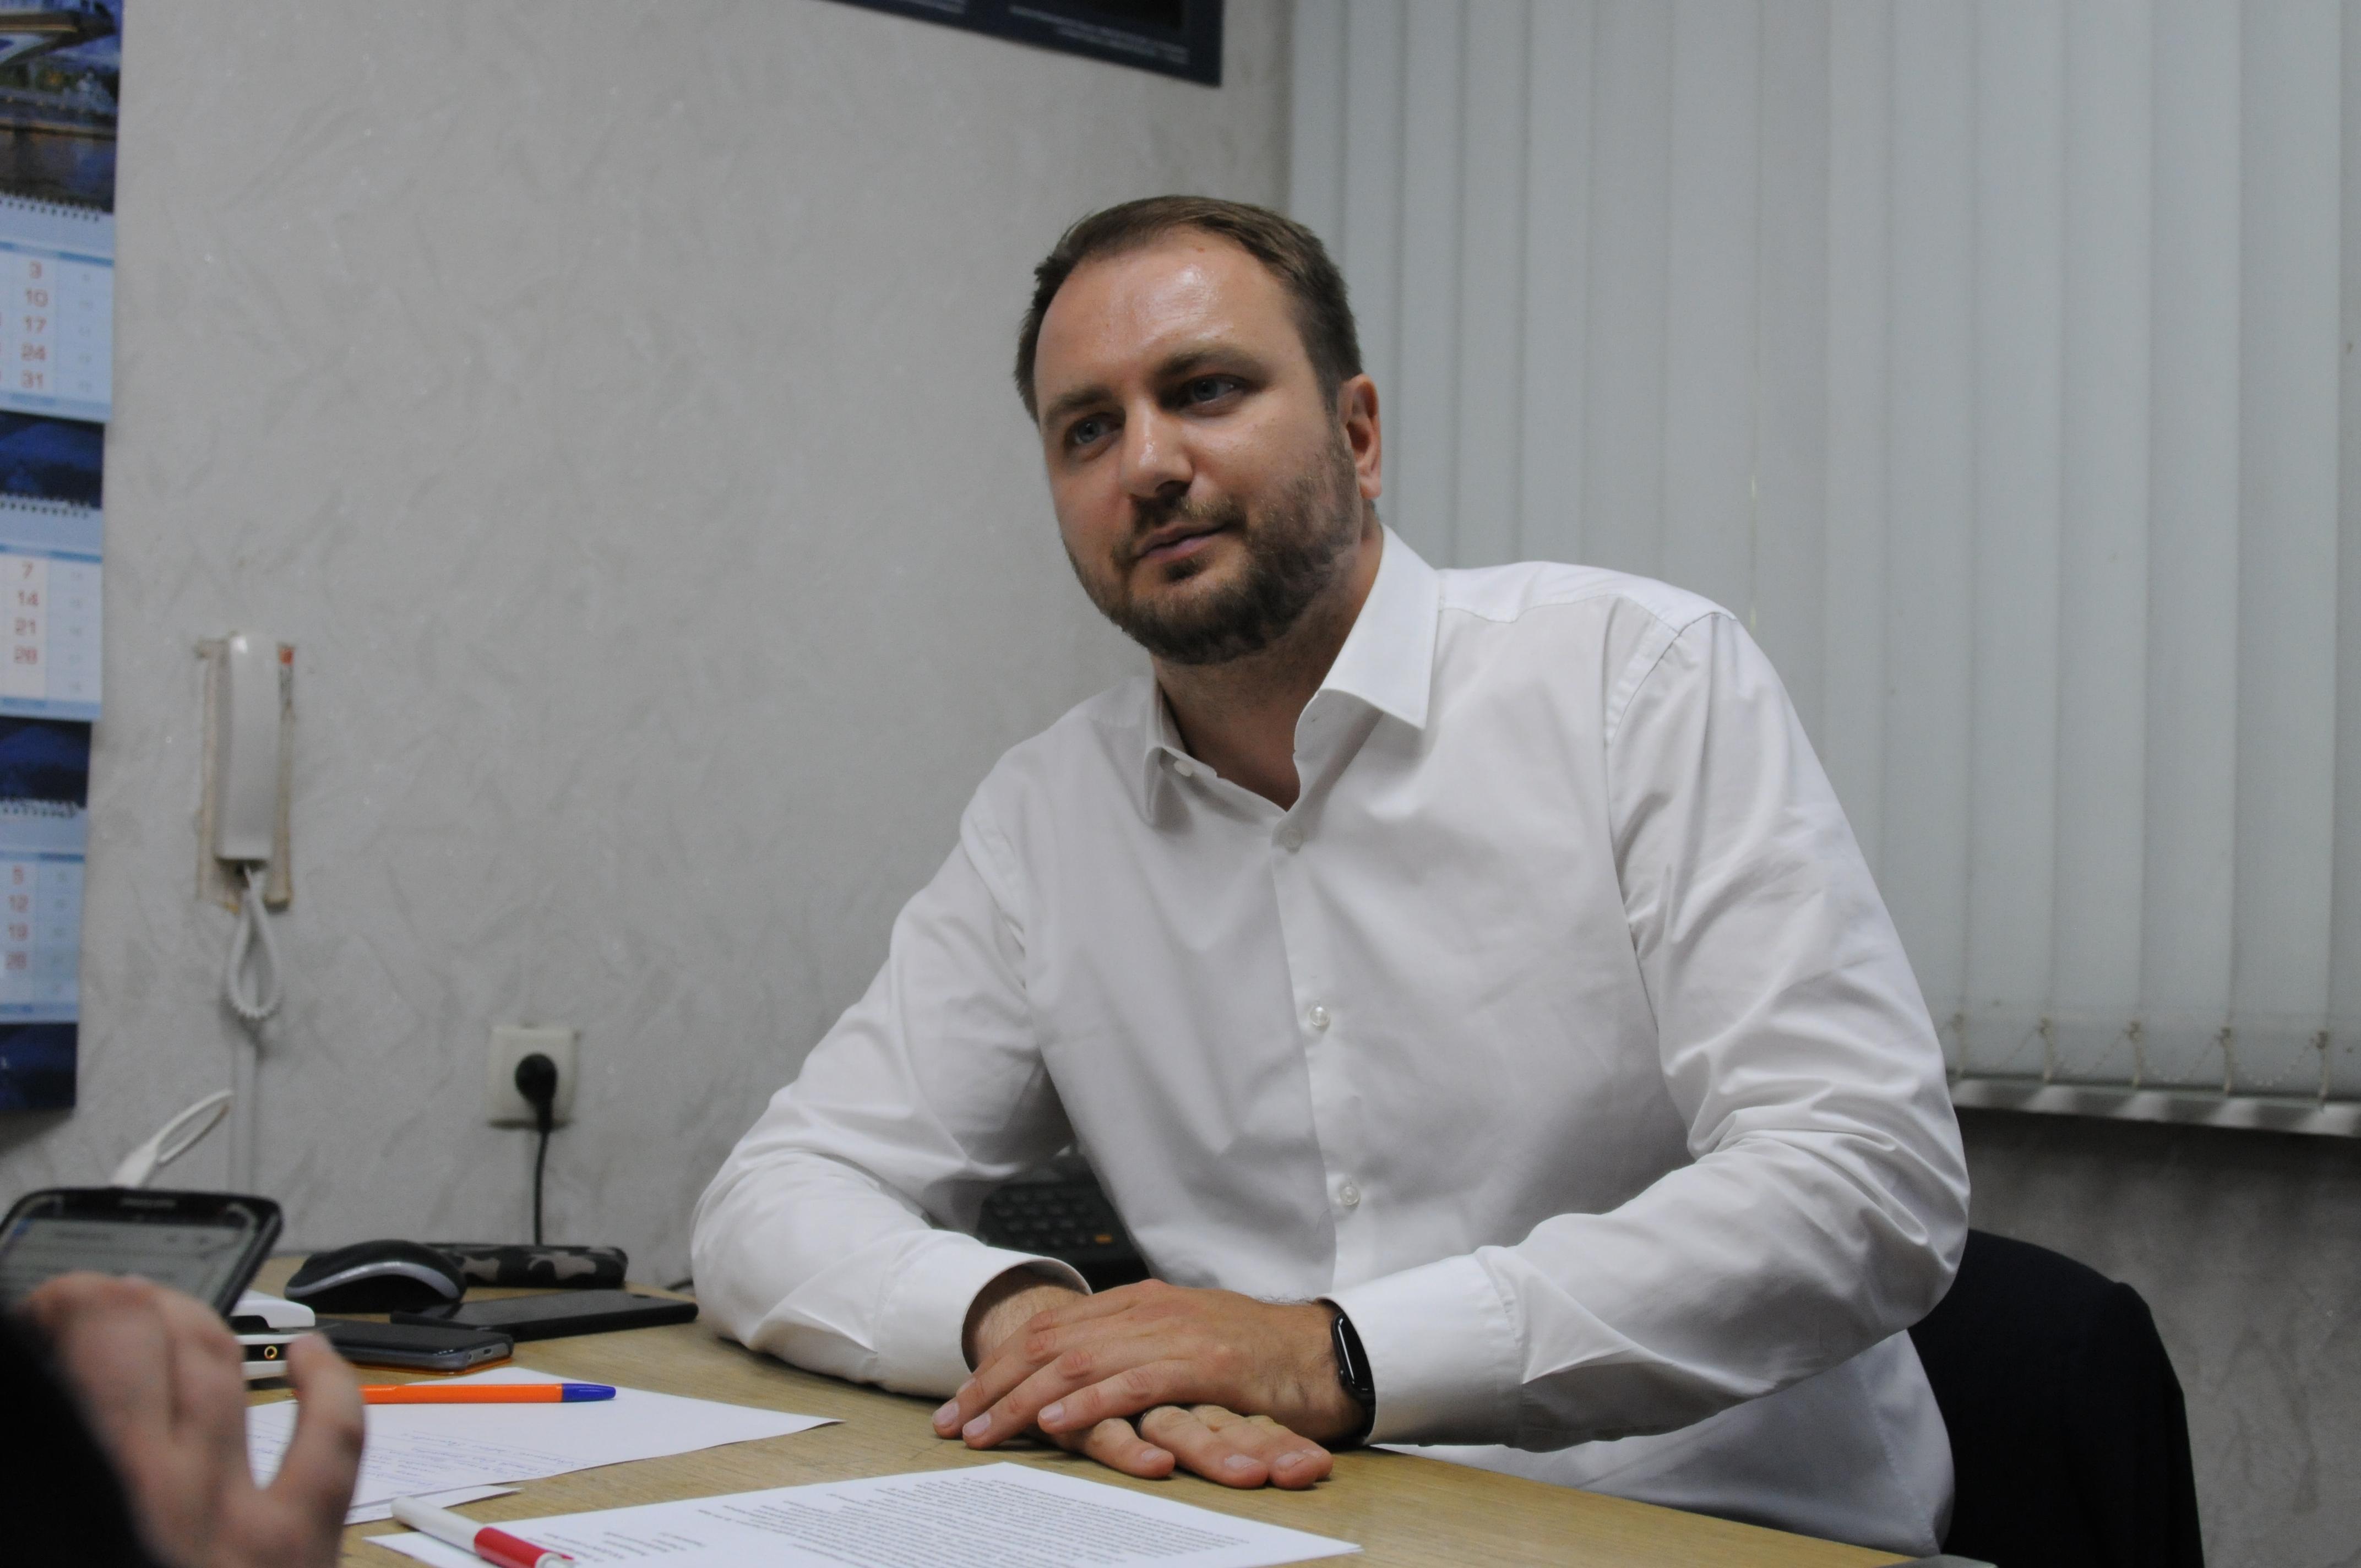 Депутат Мосгордумы Кирилл Щитов рассказал о наиболее частых преступлениях среди несовершеннолетних